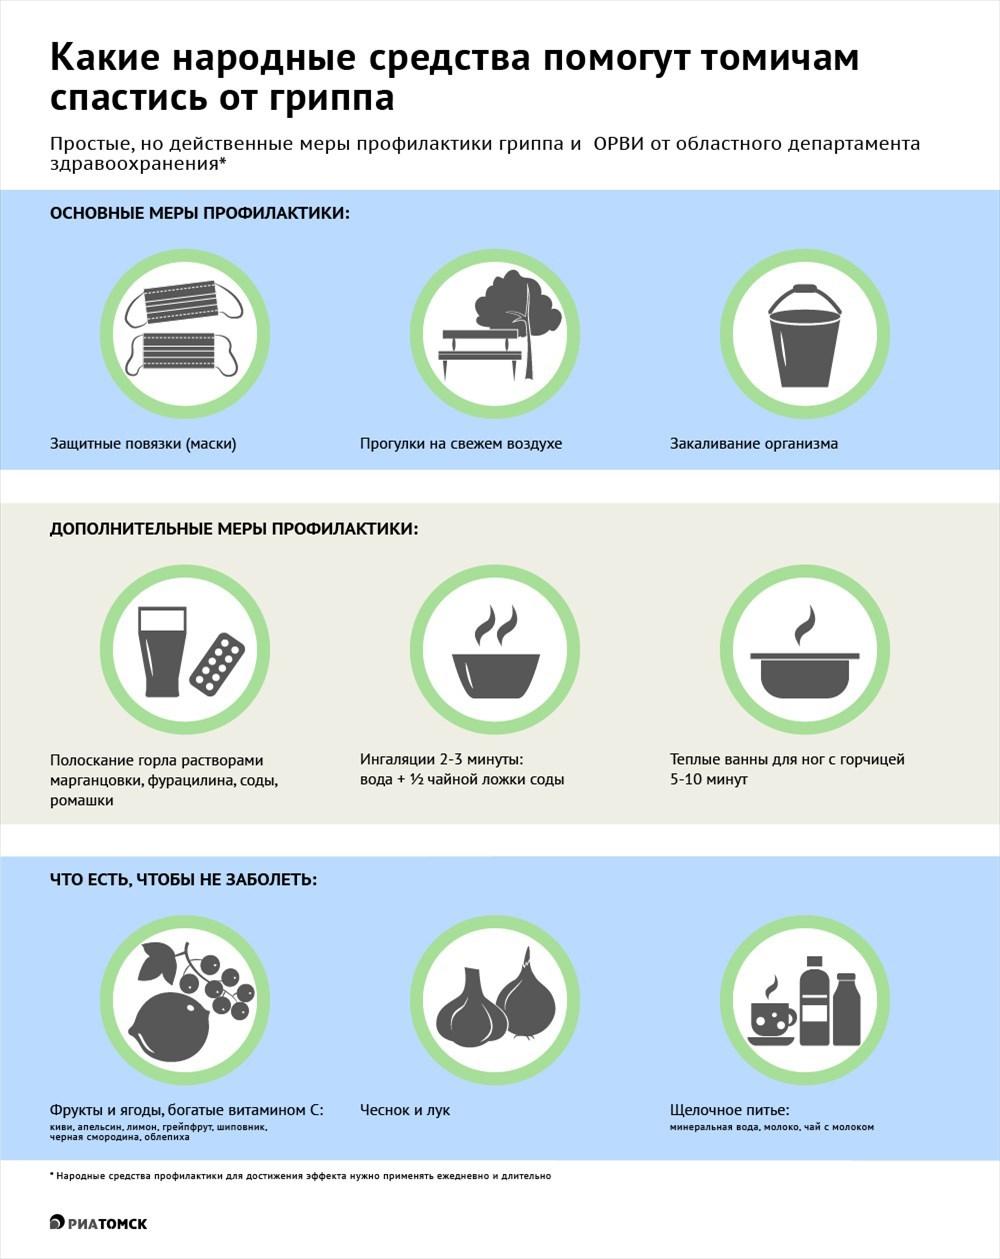 Рост заболеваемости гриппом и ОРВИ зафиксирован в Томске – по итогам прошедшей недели эпидпорог превышен на 33%. А больше всего заболевших – среди томичей 15 лет и старше. Народные меры профилактики помогут вам избежать гриппа и ОРВИ, какие – смотрите в инфографике РИА Томск.